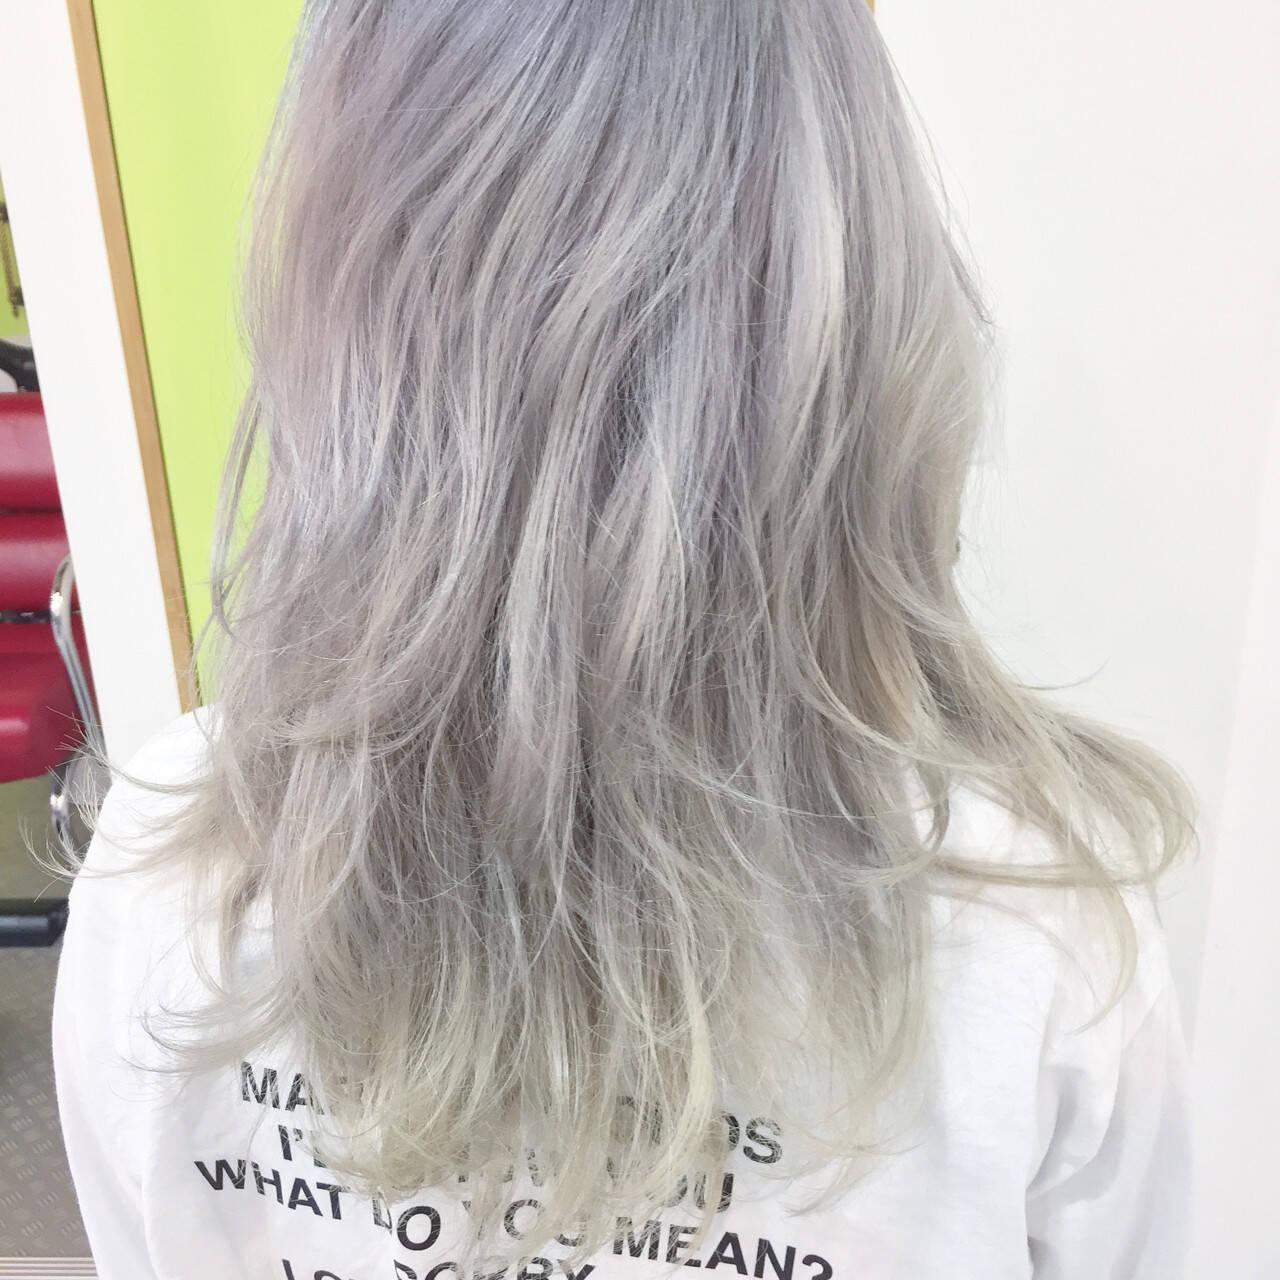 ハイトーン ホワイト ミディアム ストリートヘアスタイルや髪型の写真・画像